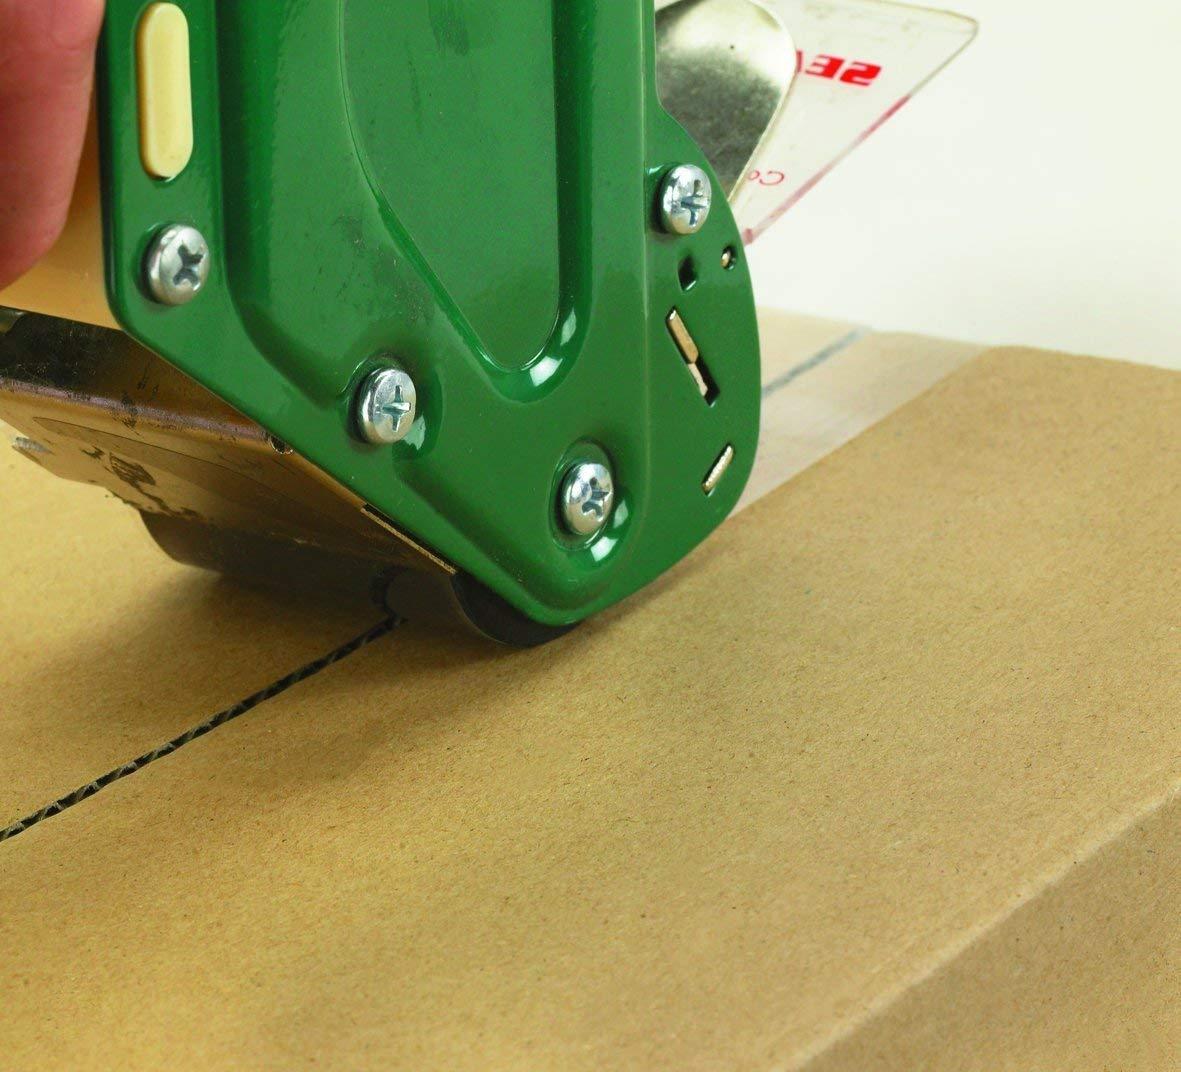 Cajas de Mudanza y Env/íos Postales Pack de 12 Cajas de Cart/ón 60x40x40cm Alta Calidad Resistente-Color Marr/ón